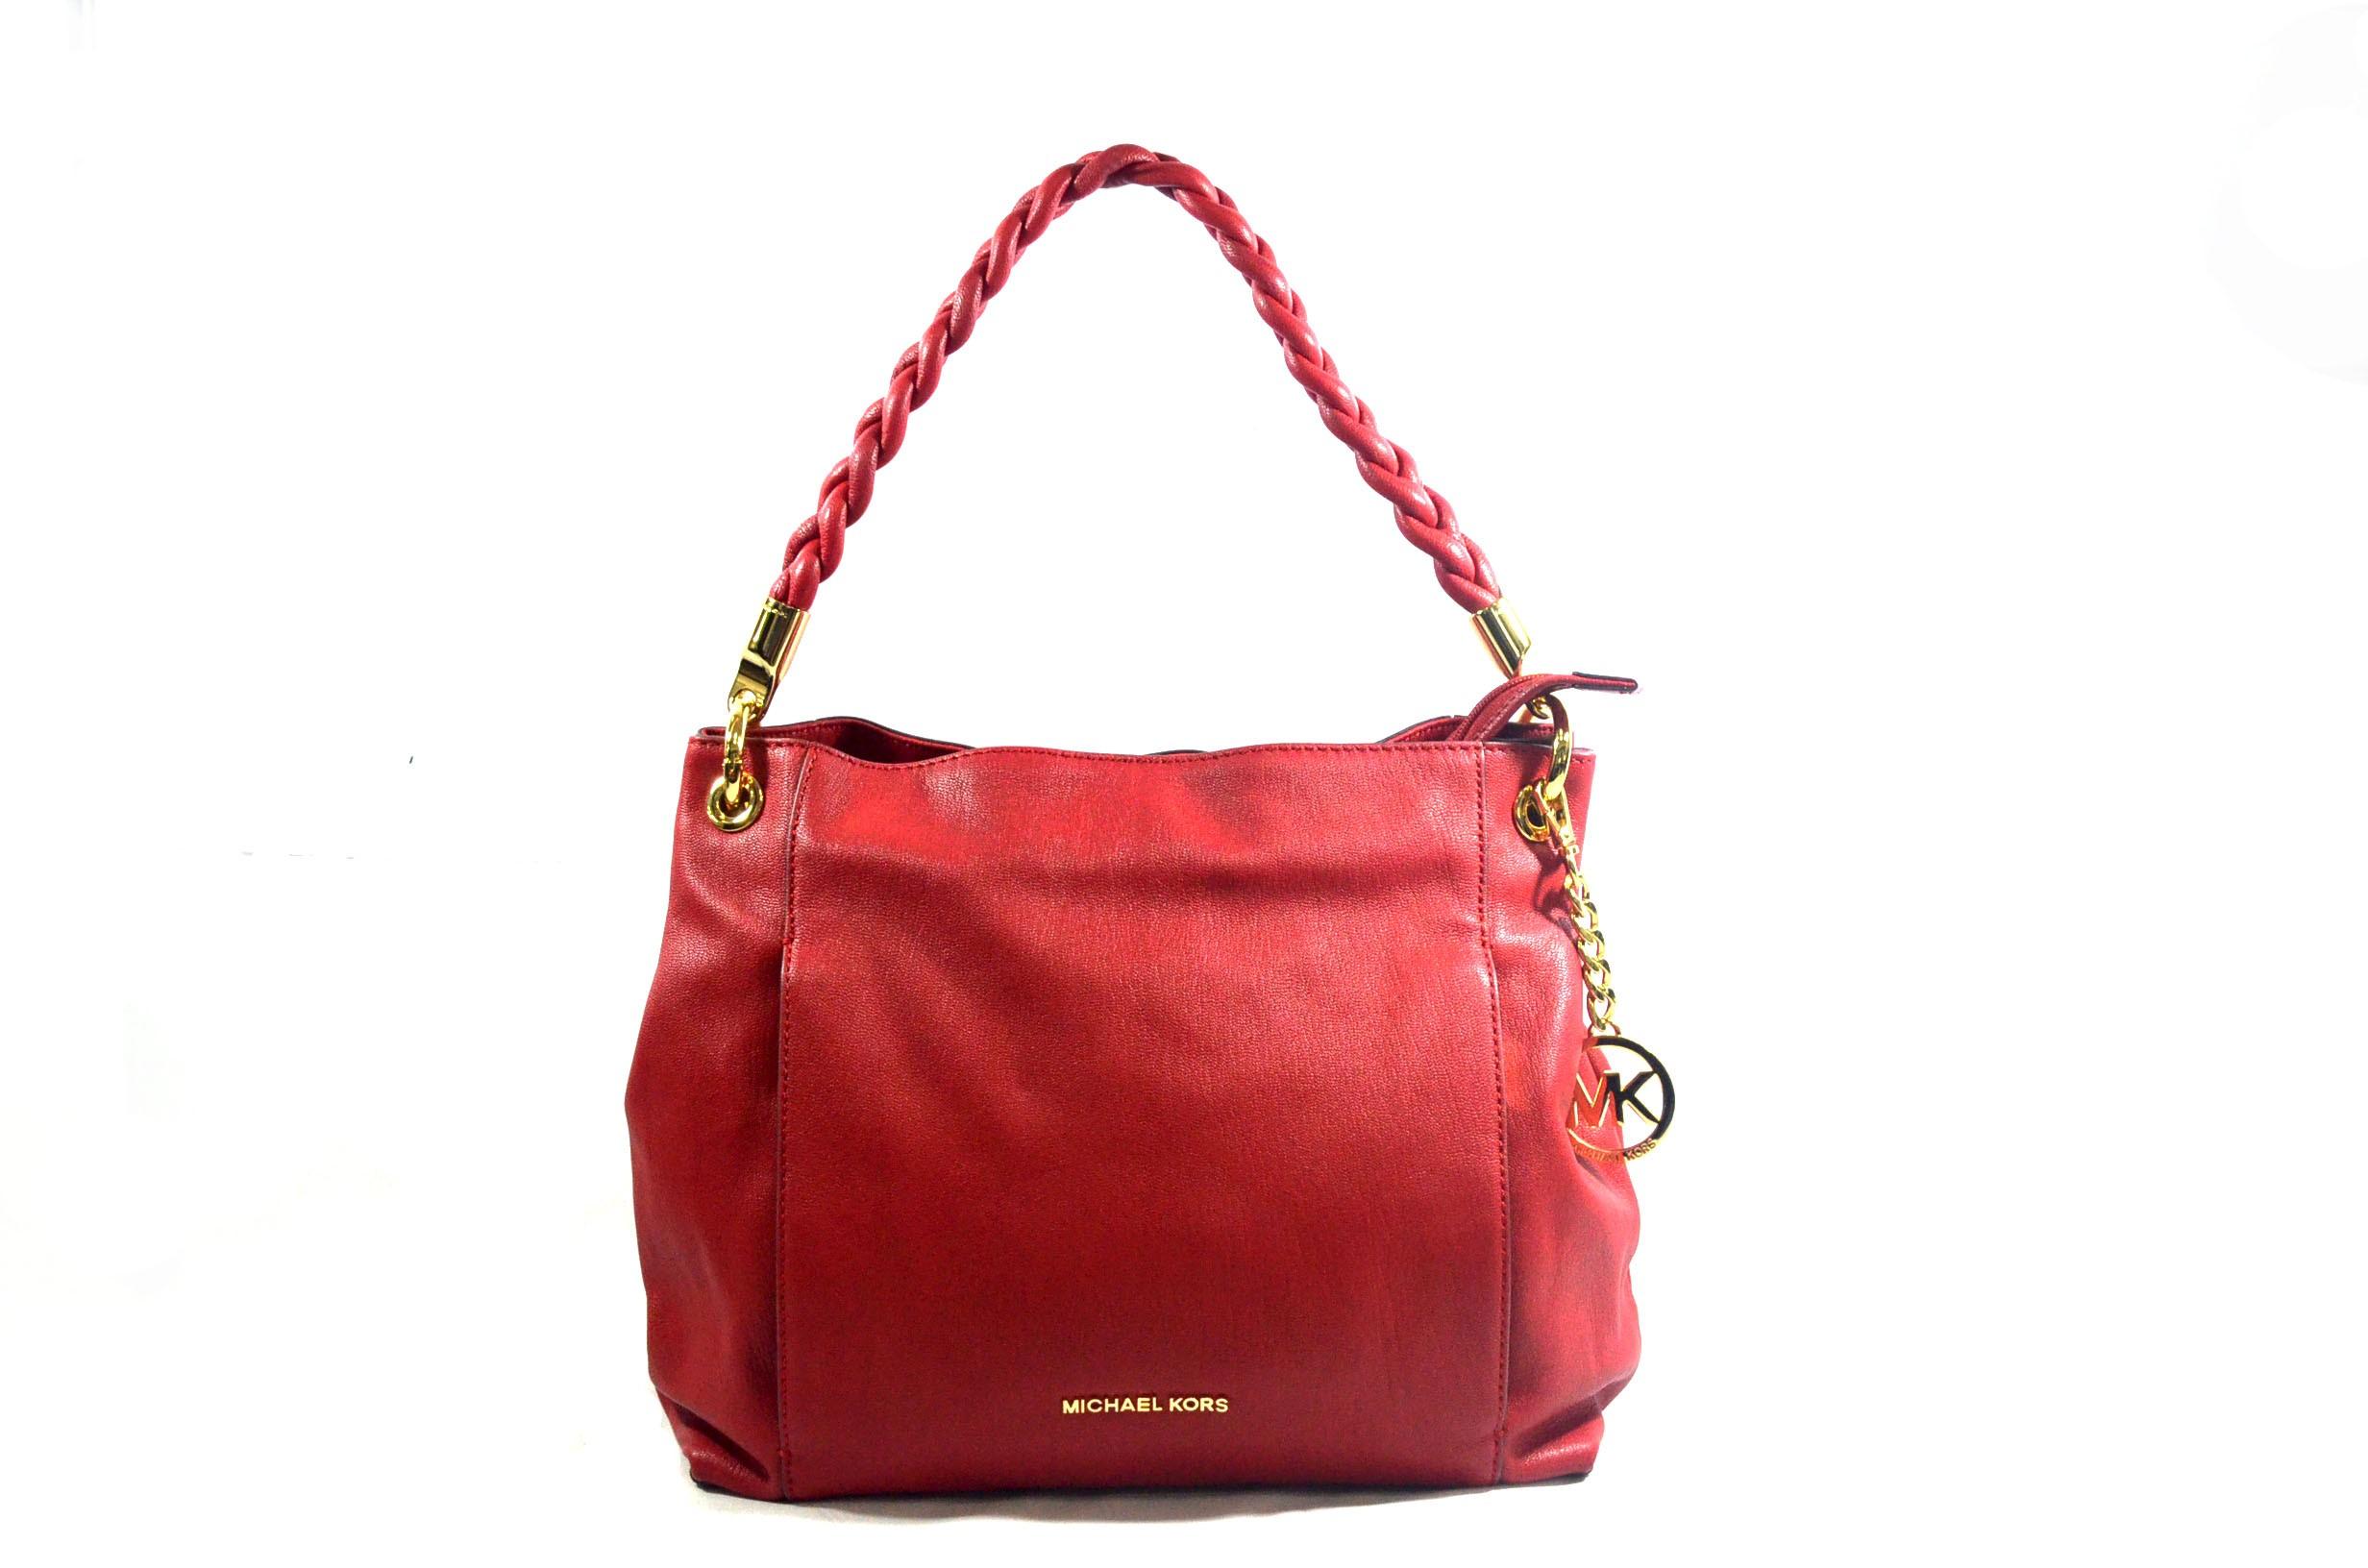 85c35bd576cc Michael Kors Naomi Chili Shoulder Bag Buy Online, Preloved & 100 ...